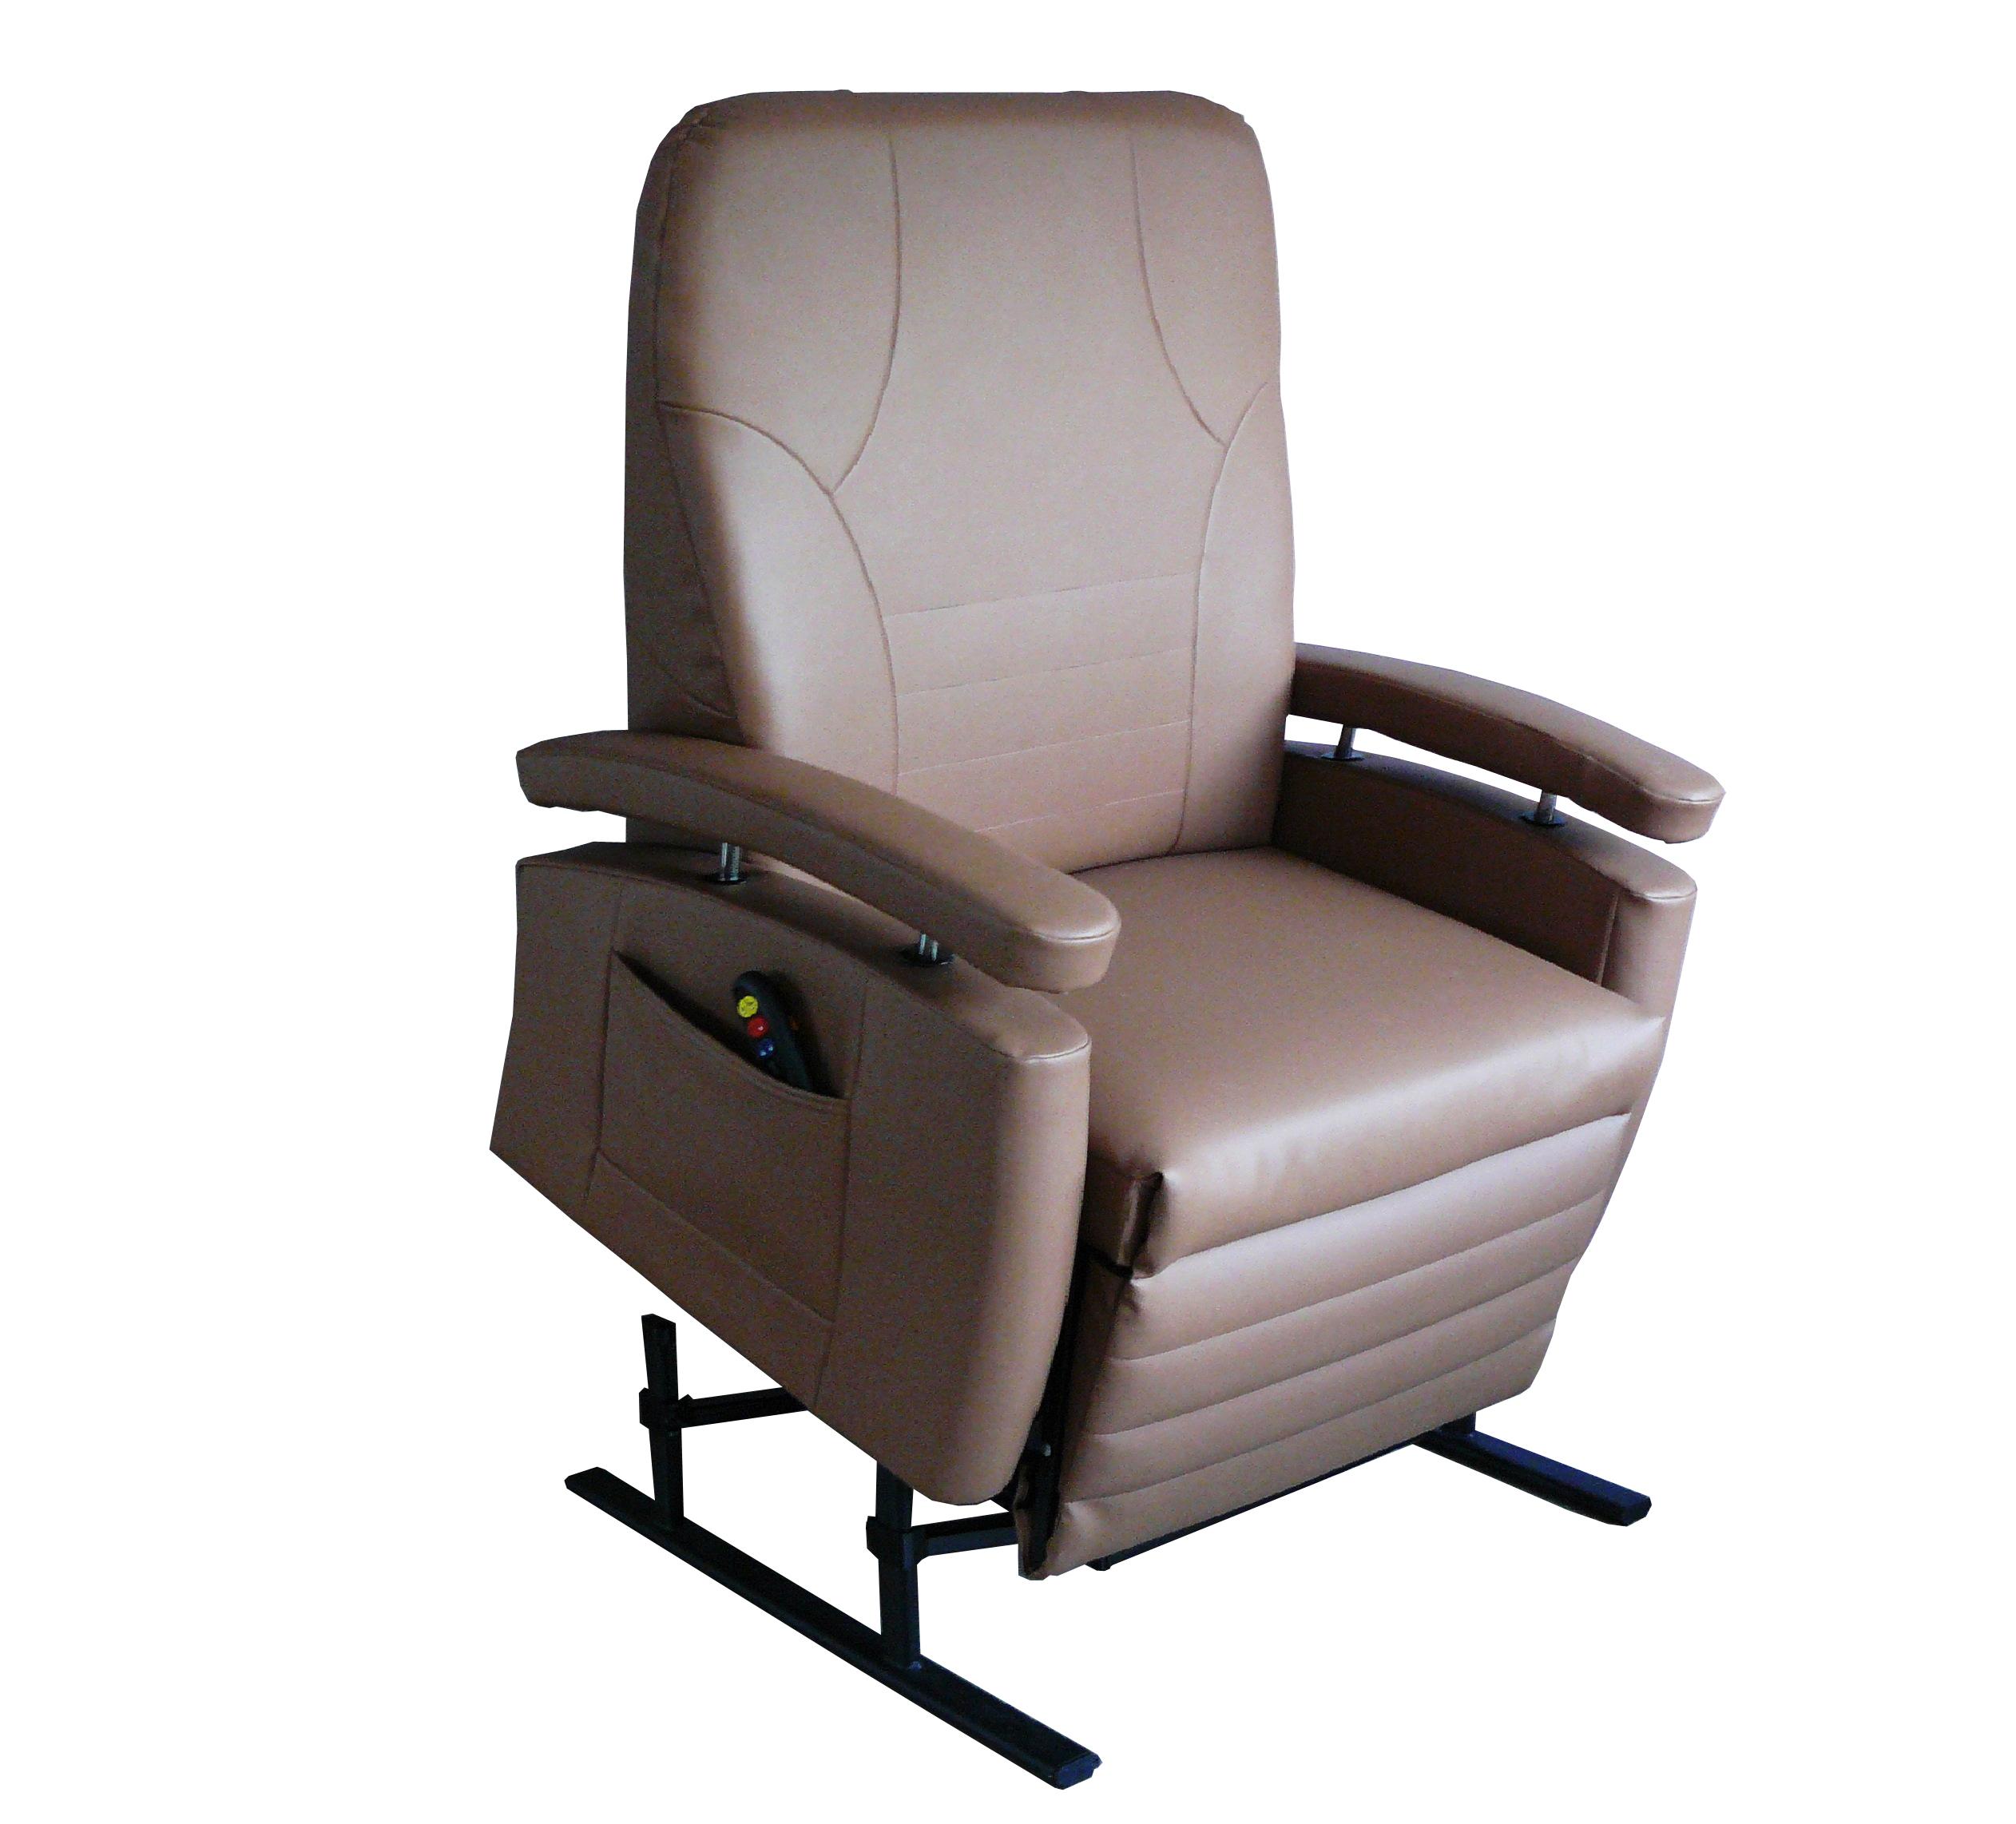 Sta-op stoel, vario 570 – extra breed – tot 225kg